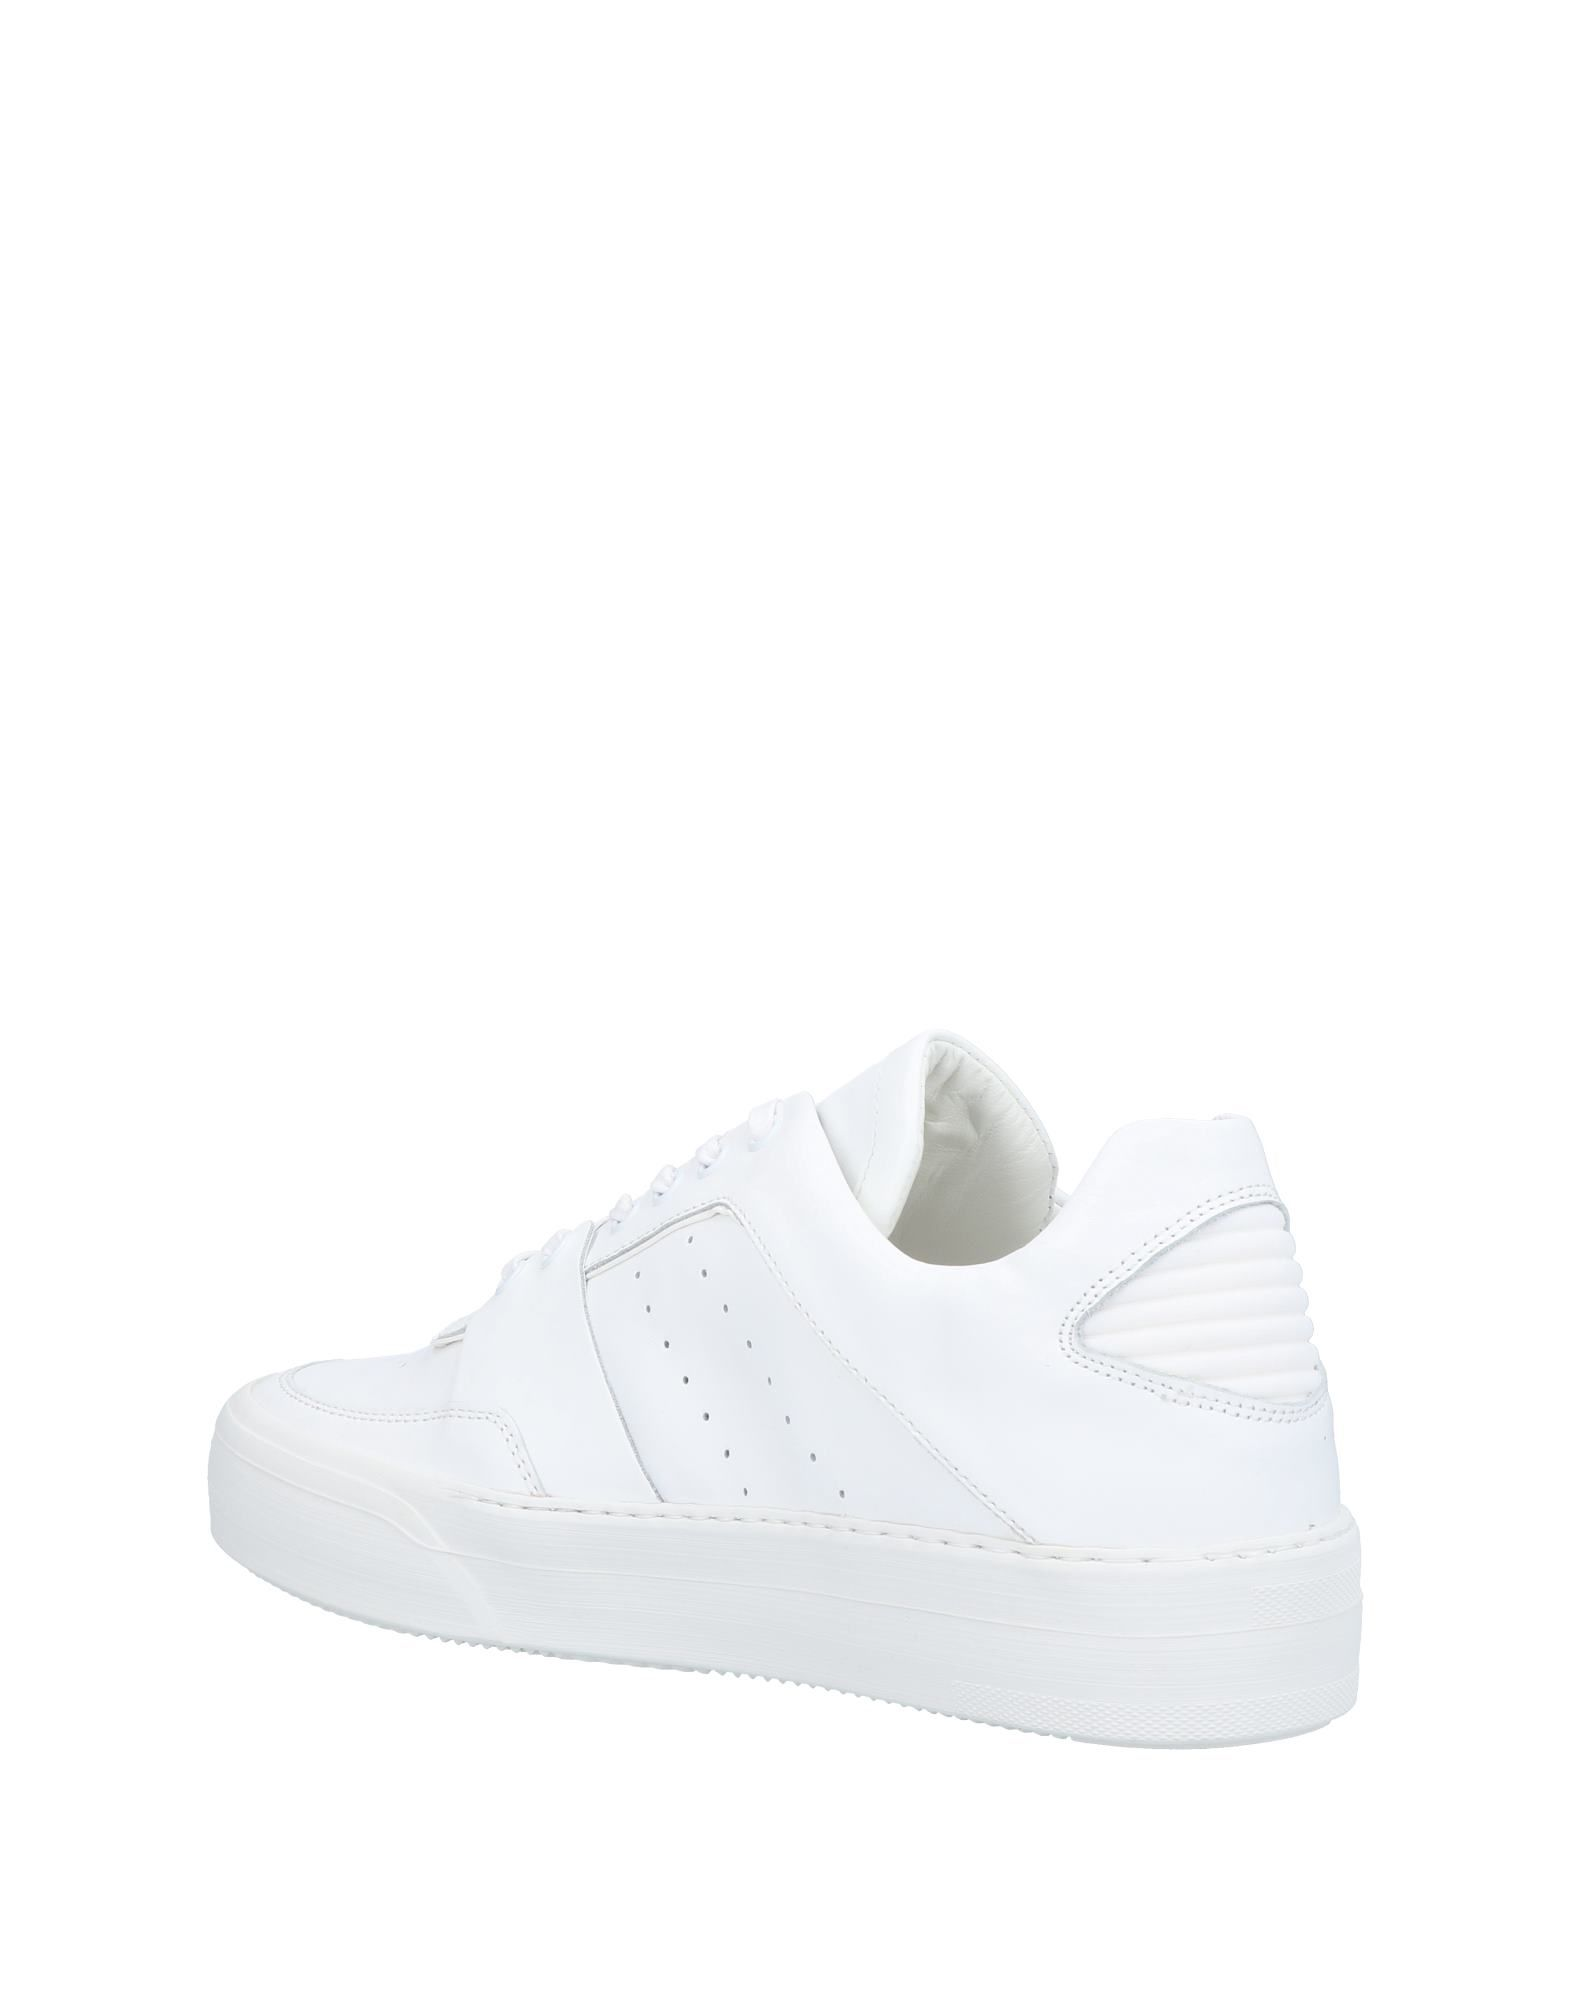 Bikkembergs Sneakers - Men  Bikkembergs Sneakers online on  Men Canada - 11451028PD 23ecbf